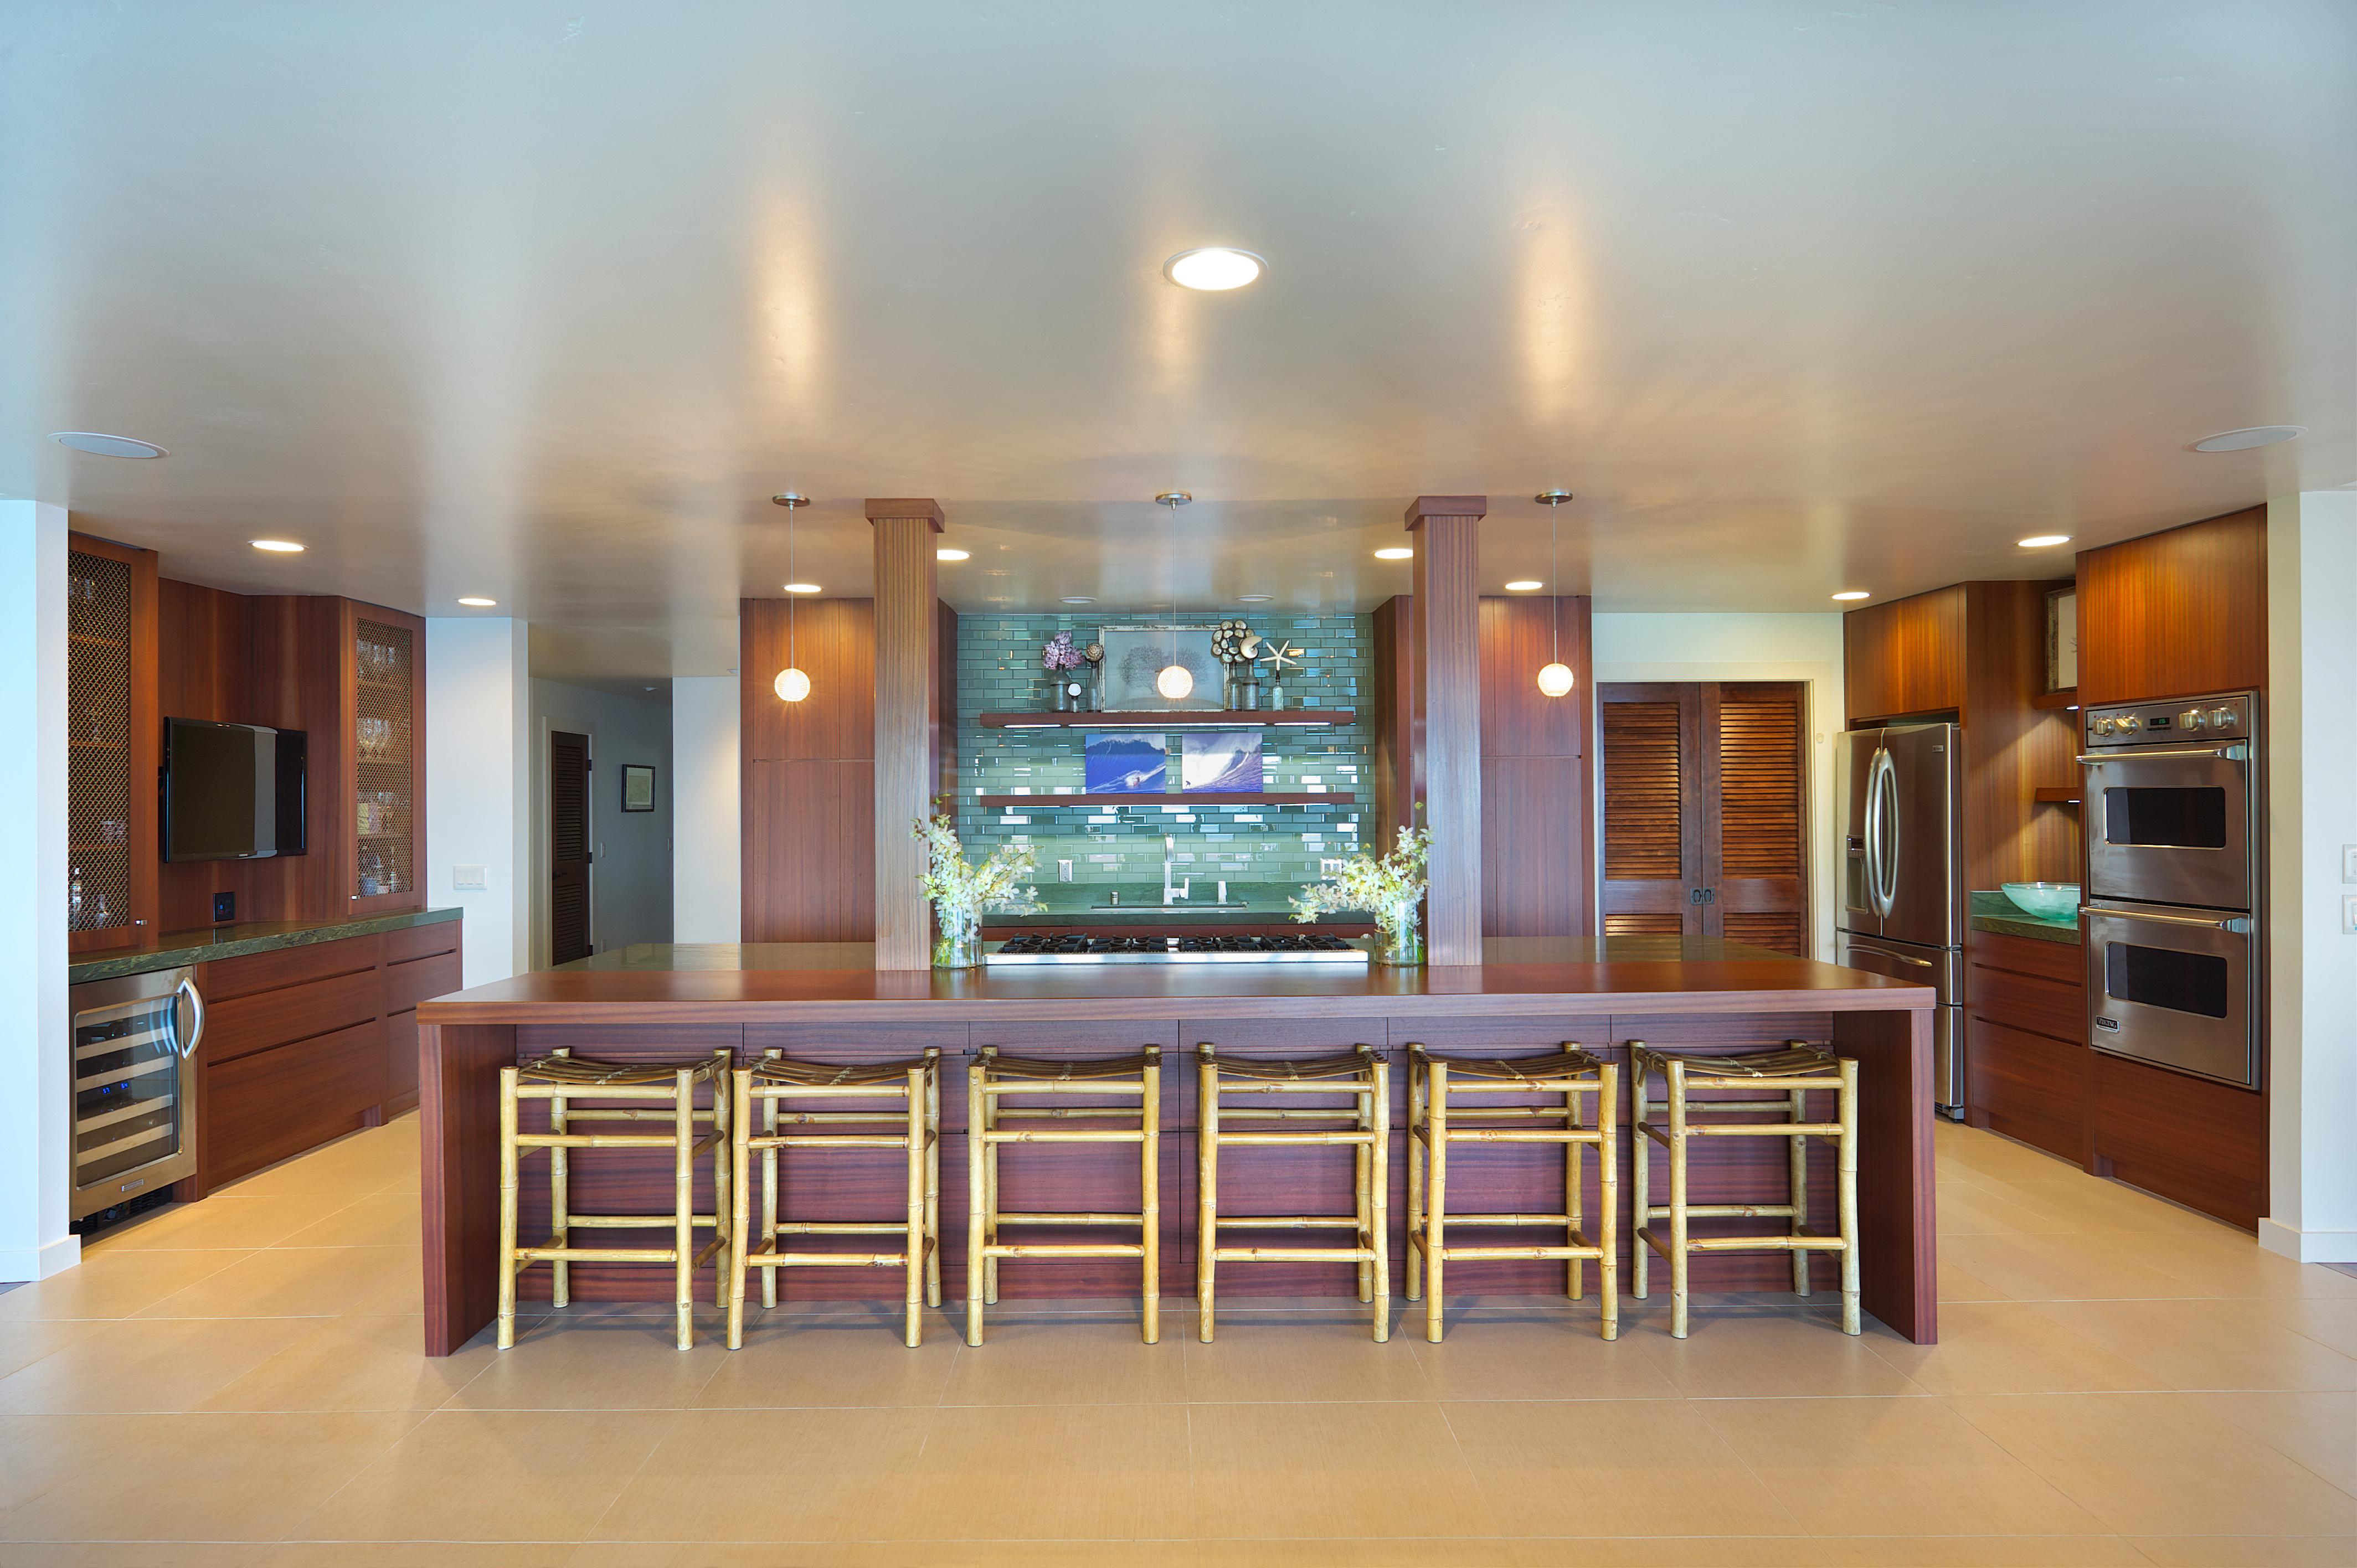 Interior 8 - Kitchen